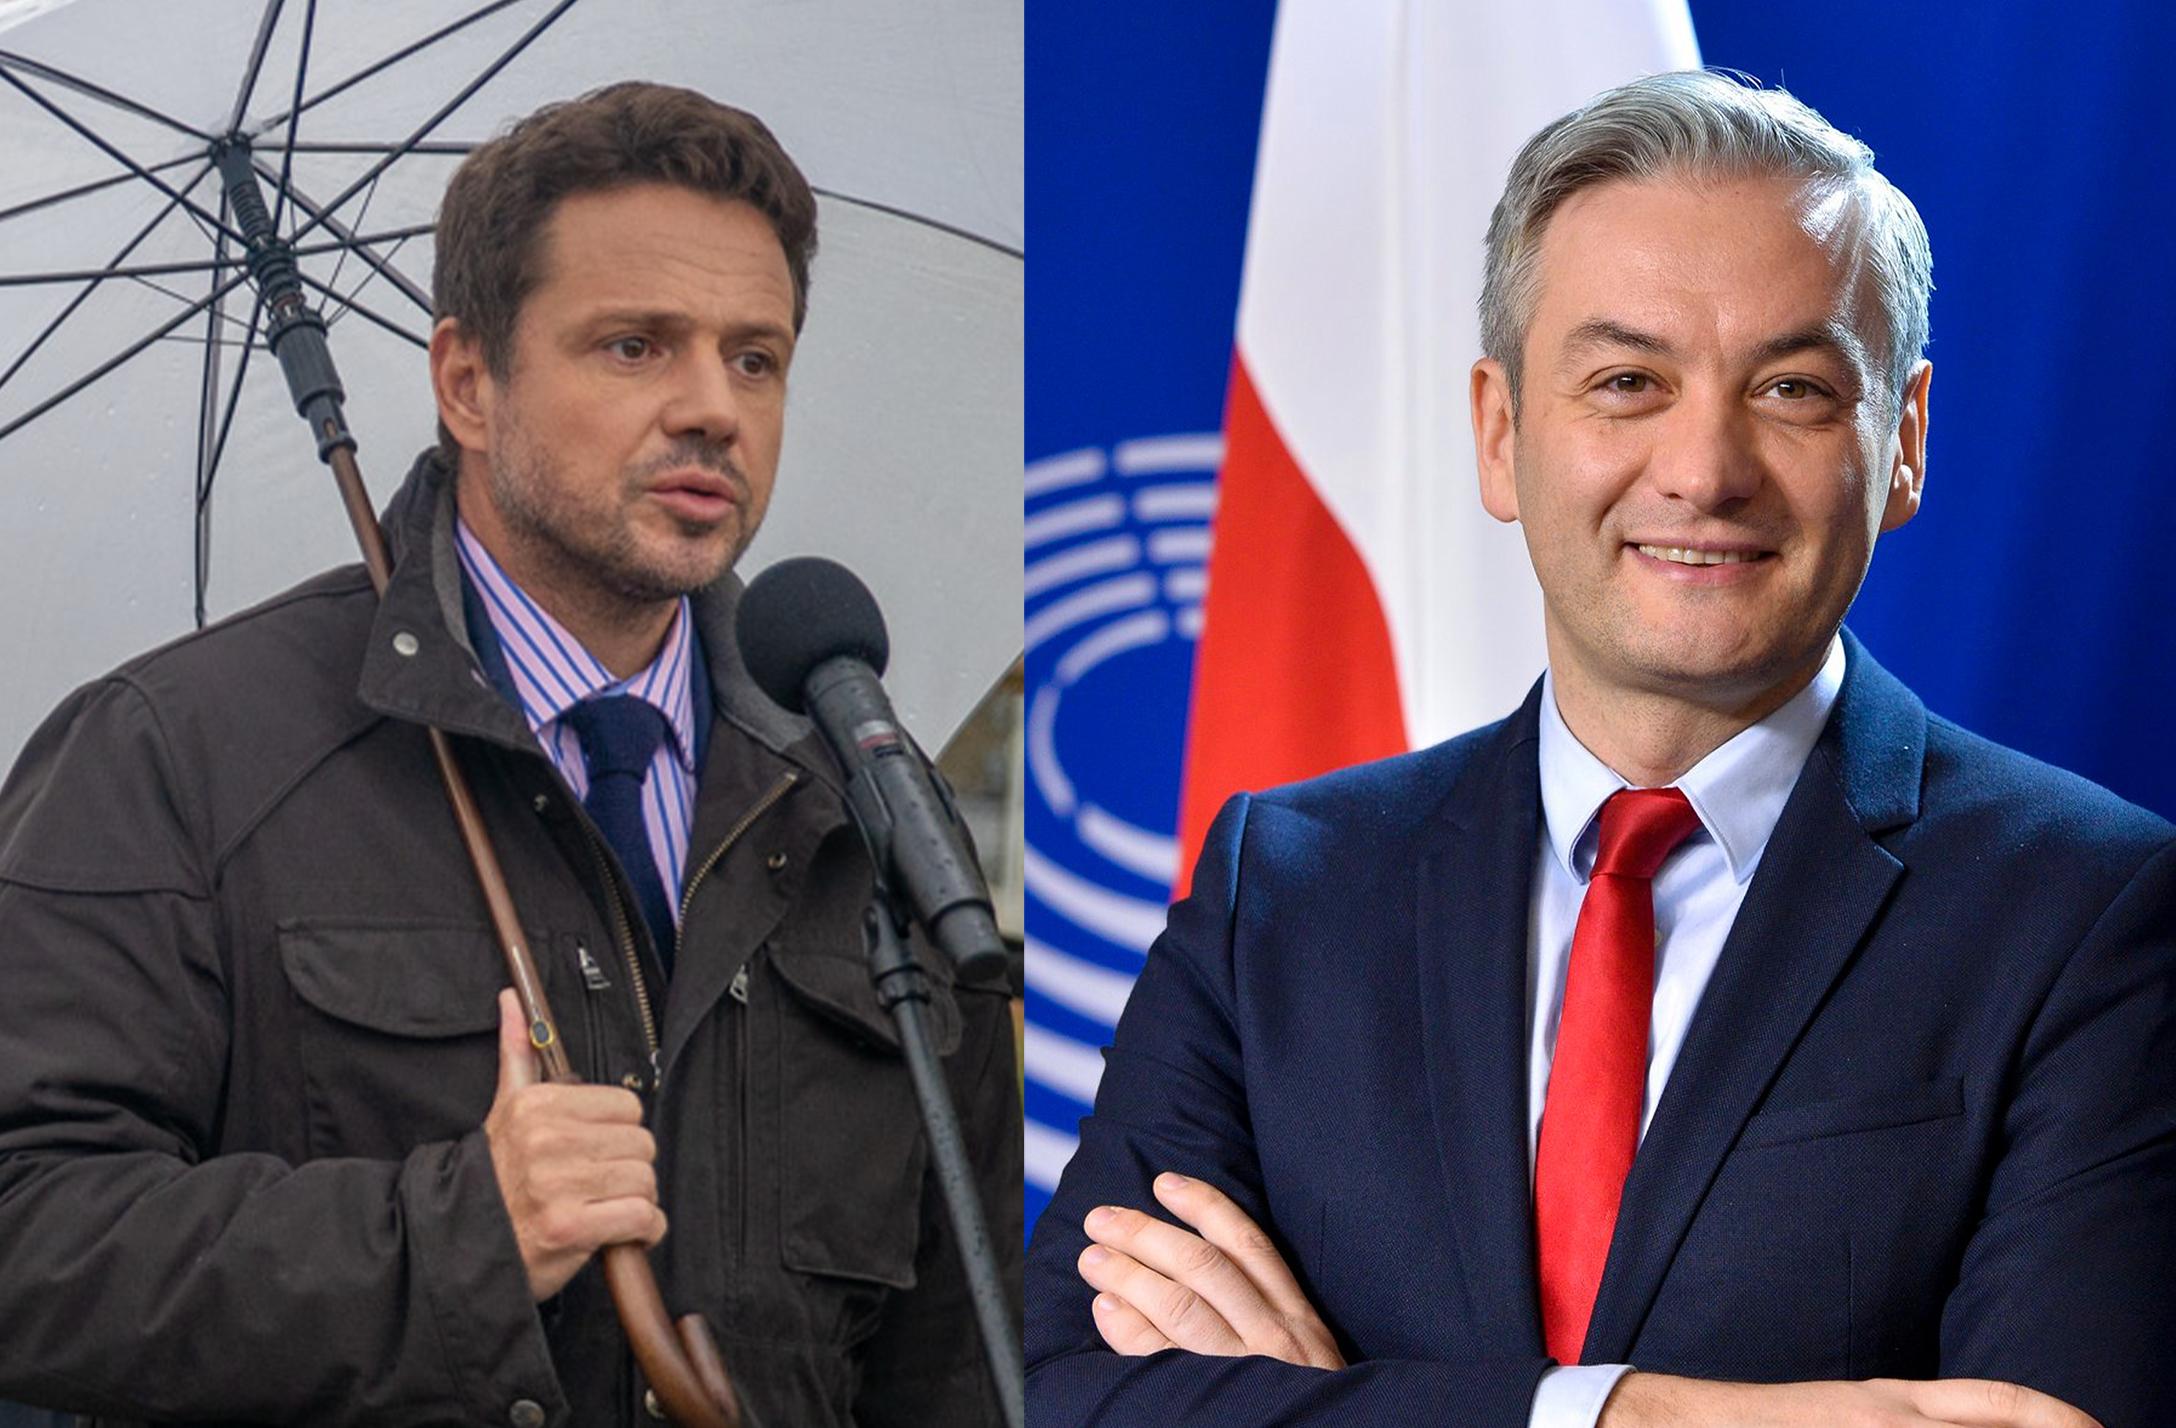 Biedroń doTrzaskowskiego: TVP wymaga zmiany, aniezaorania